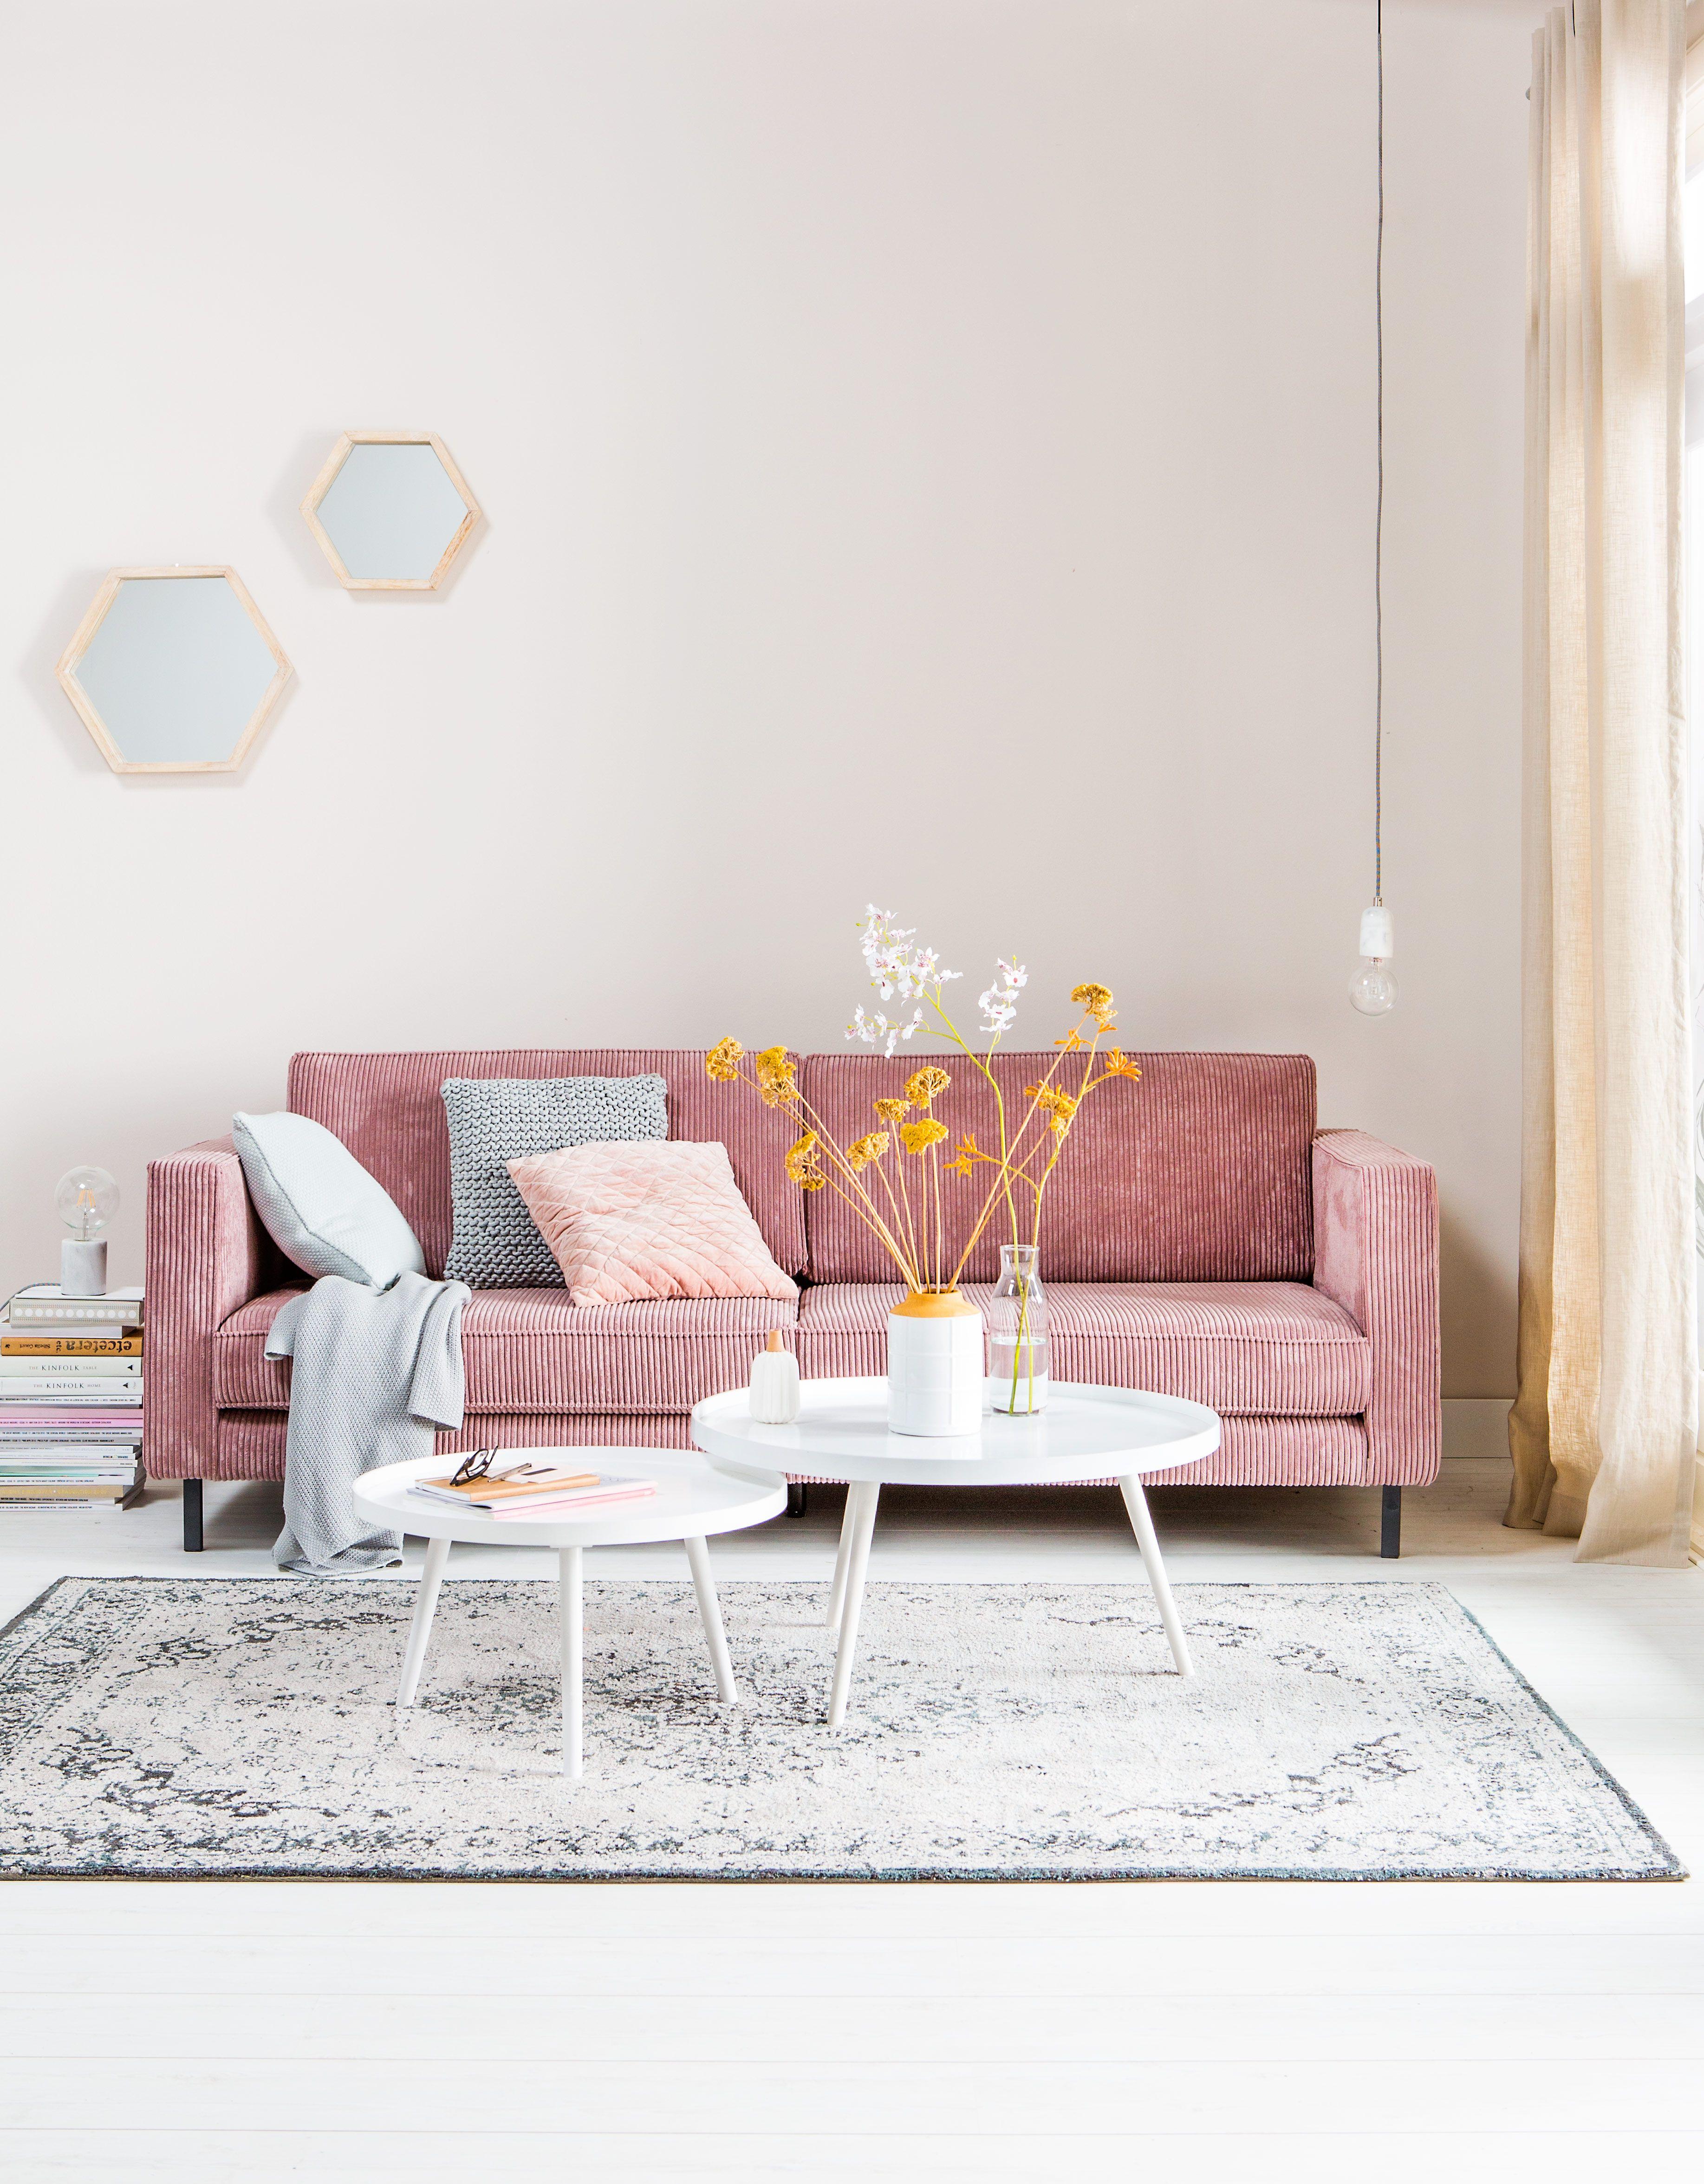 Laat je inspireren door onze nieuwe najaarscollectie for Diseno decoracion hogar talagante